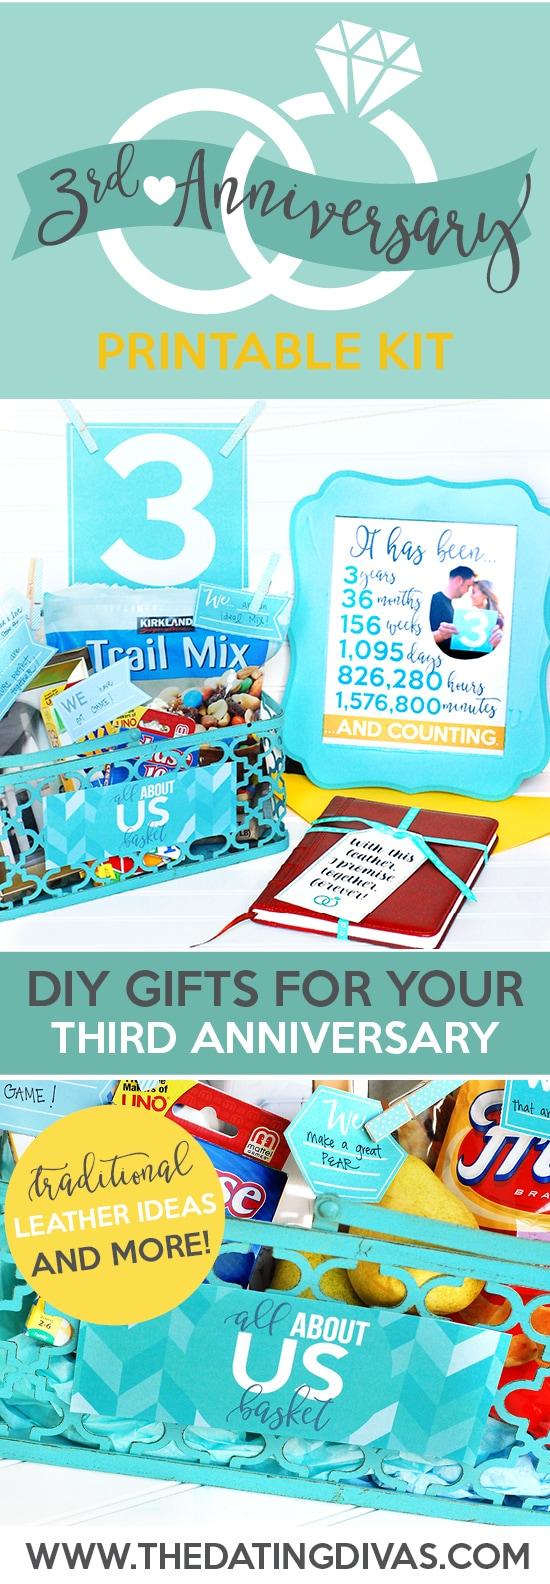 Third Anniversary Gift